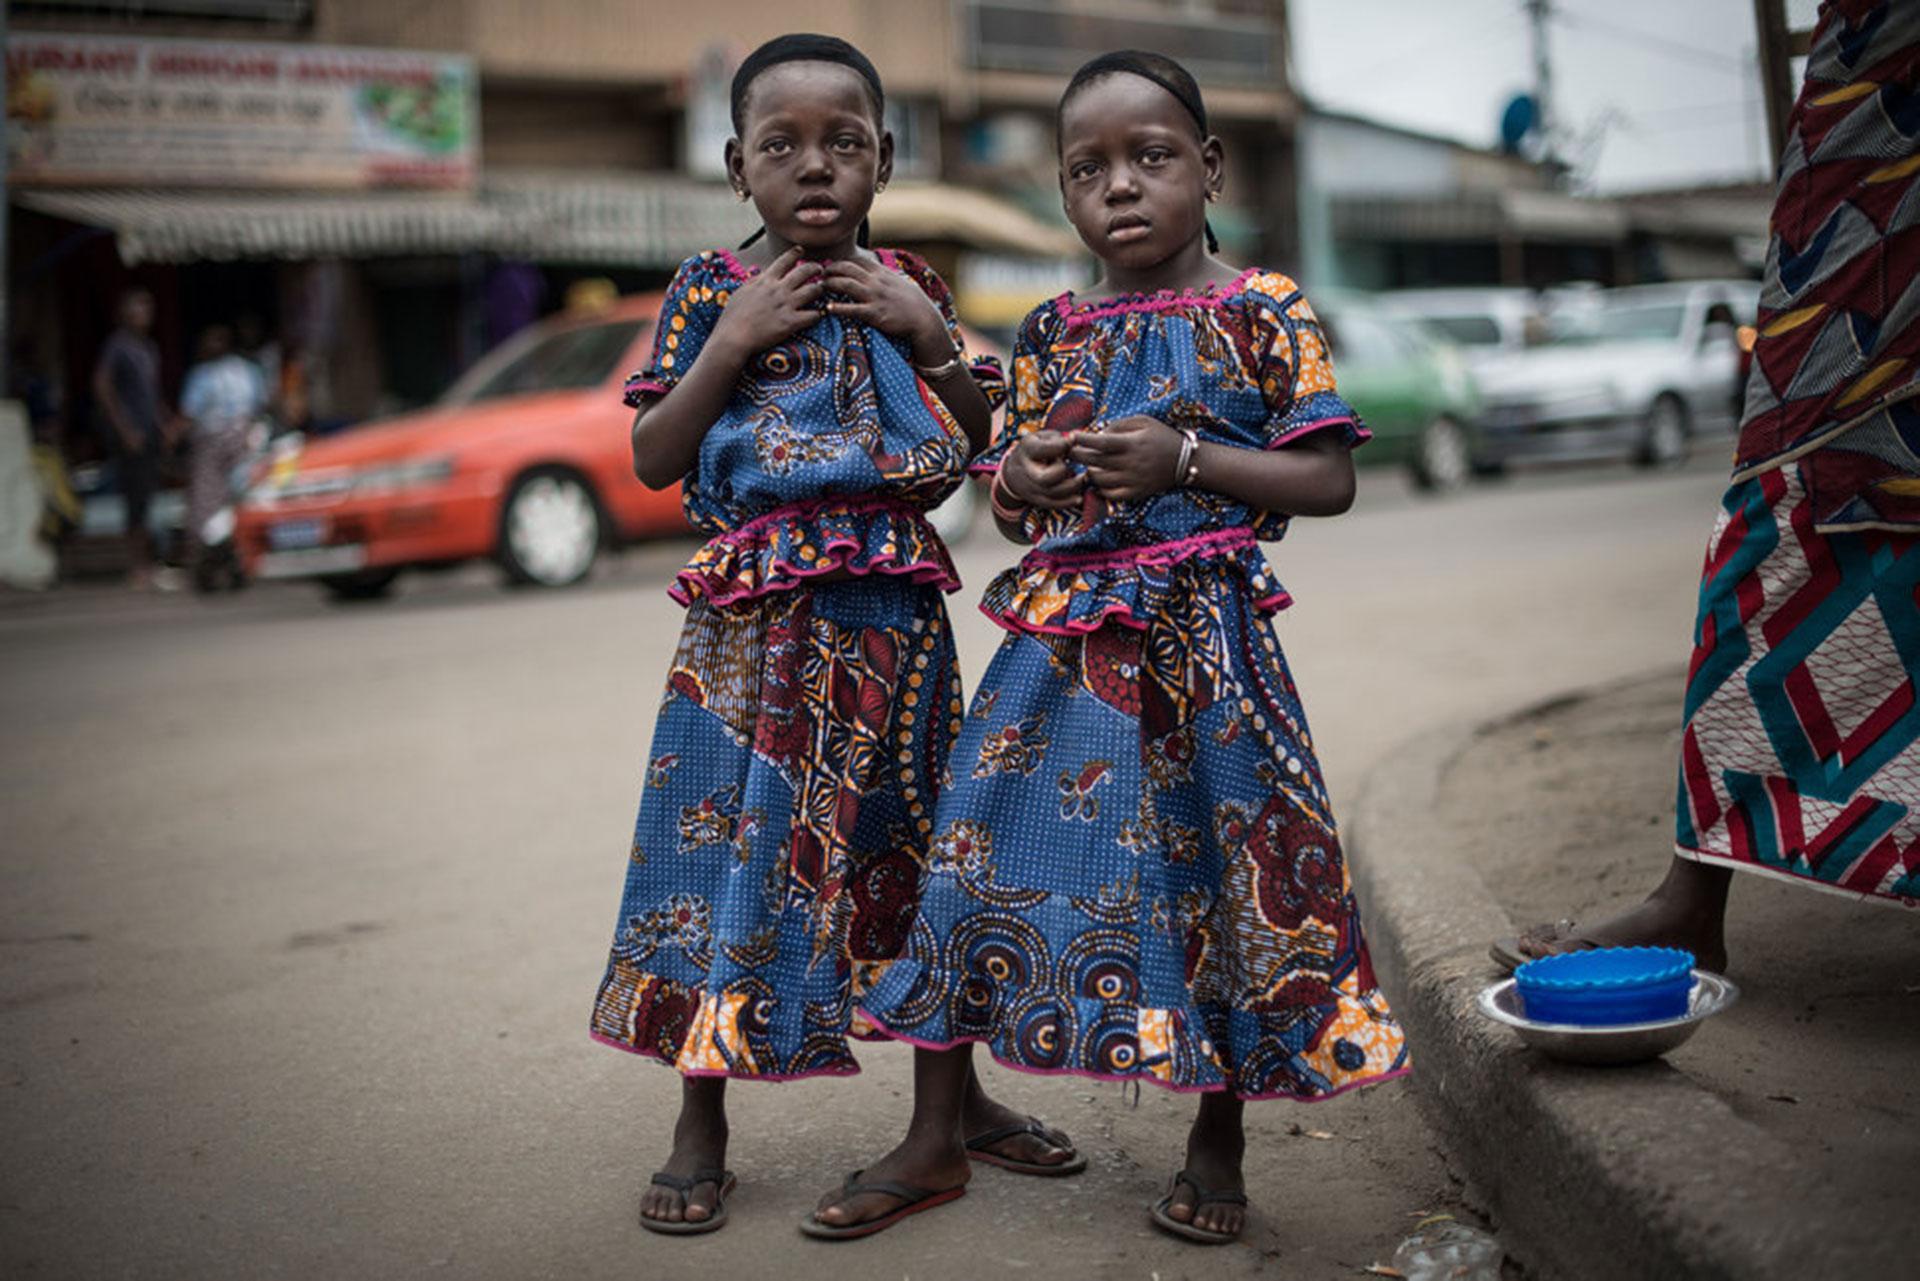 """Competencia """"Profesional"""" – Categoría """"Retratos"""": Rasidatou y Latifatou, de 4 años, posan para un retrato en una calle del distrito Koumassi de Abidján, Costa de Marfil, el 25 de julio de 2017. (Gentileza Sony World Photography Awards)"""